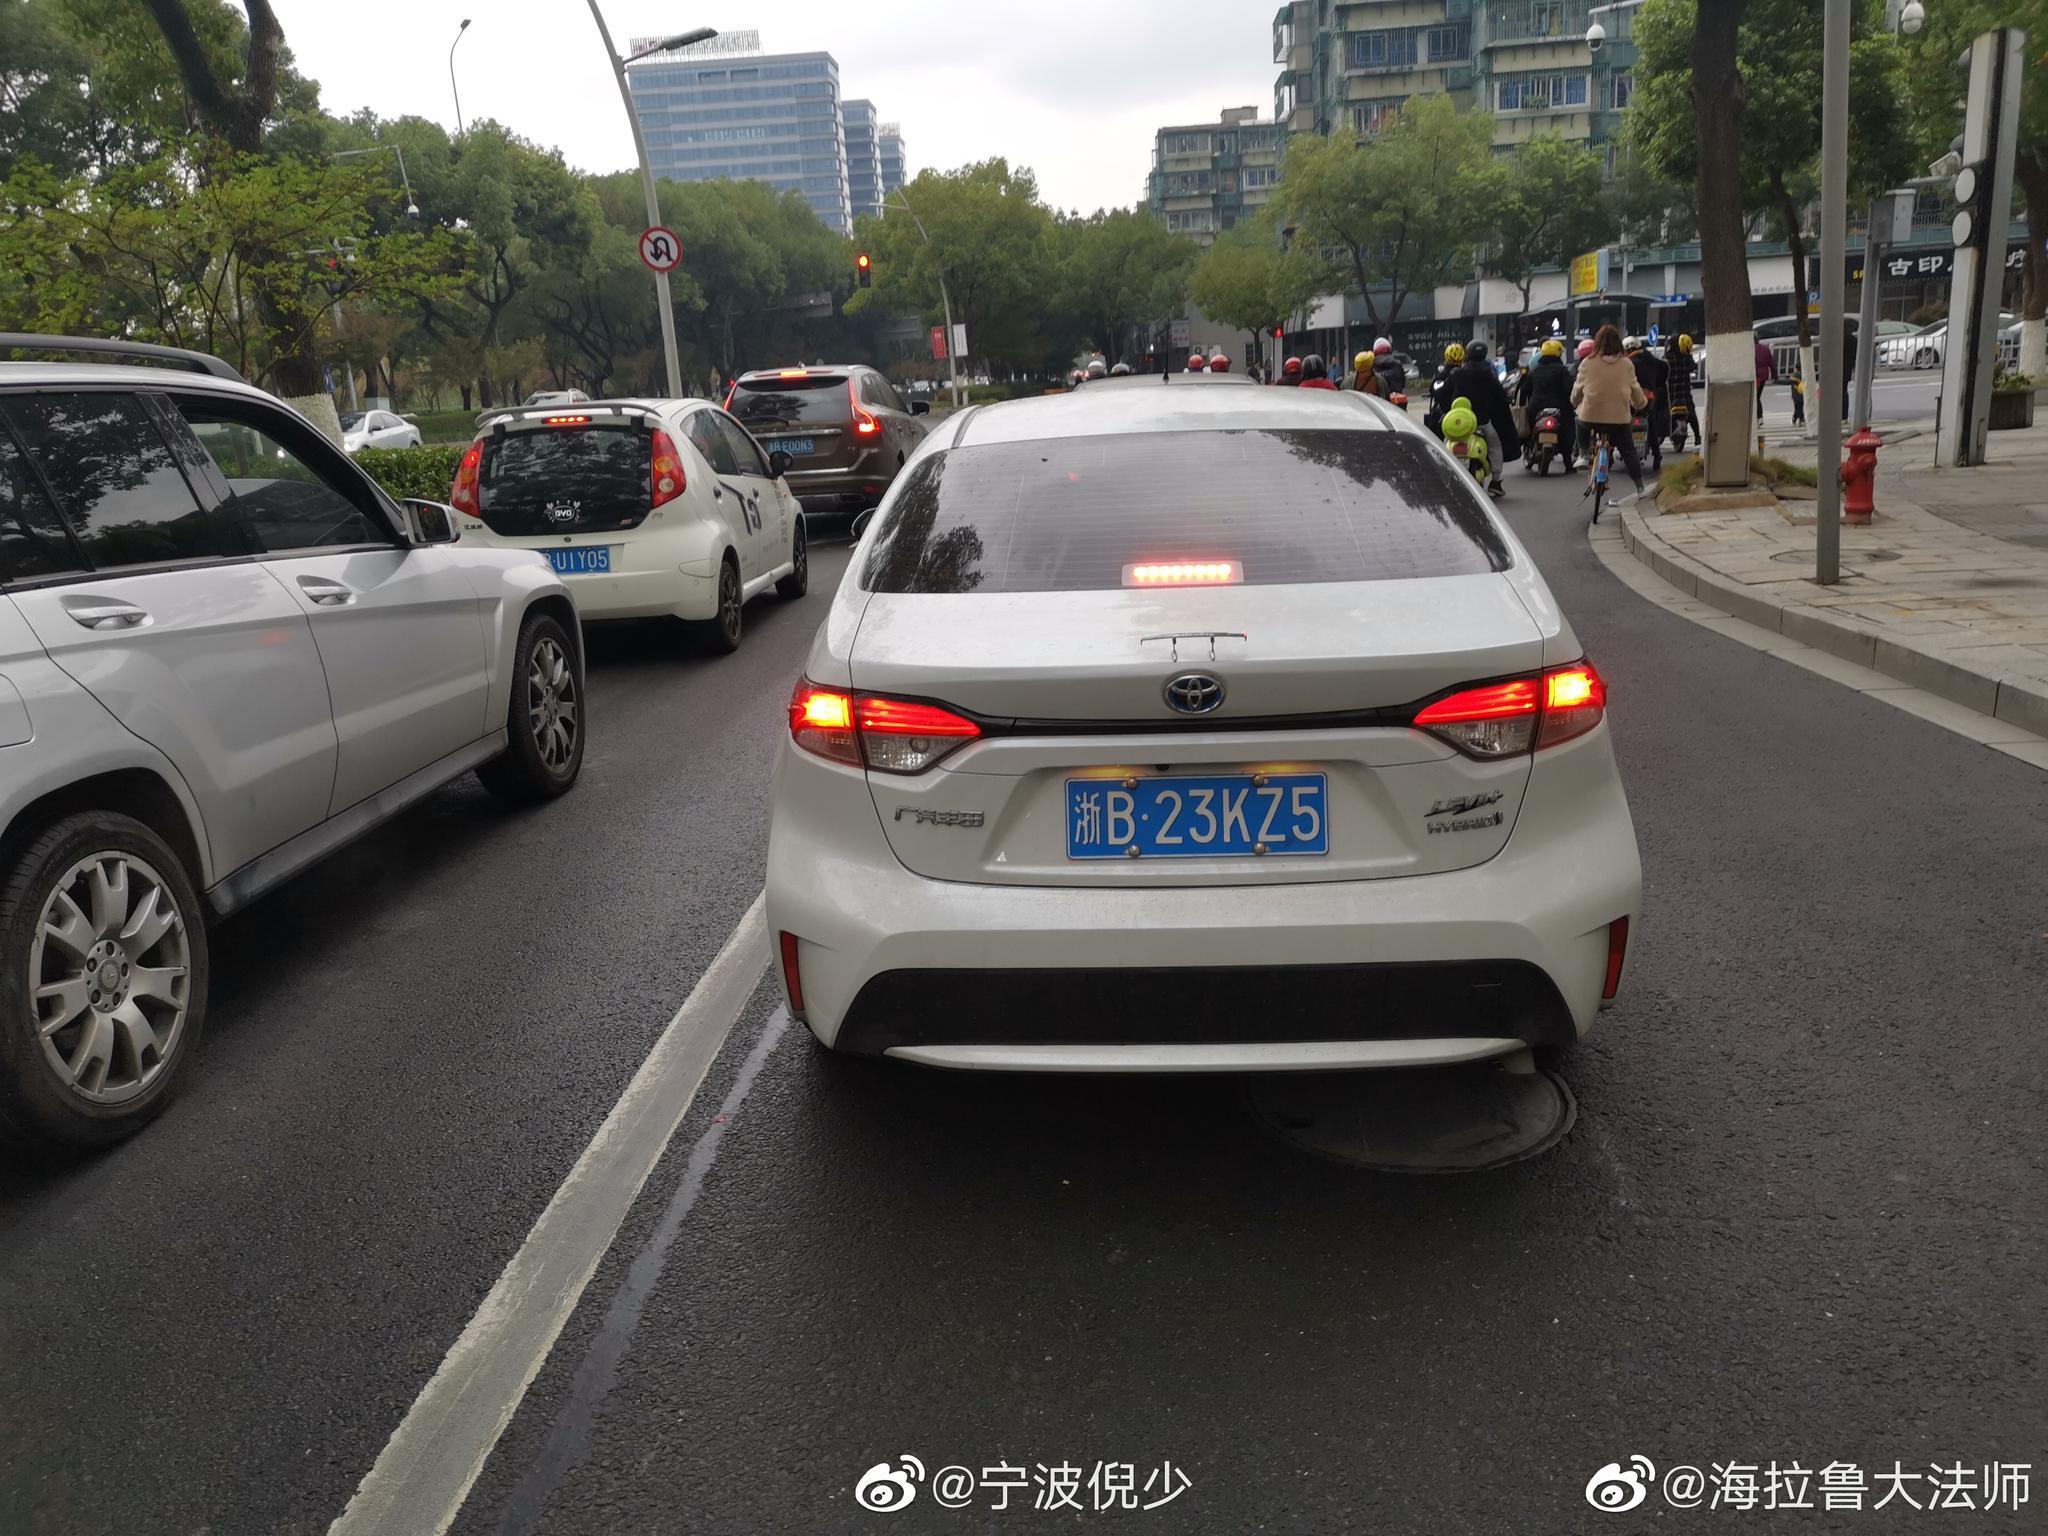 投稿:该车在红灯,斑马线处未礼让行人,且行驶在非机动车道…………